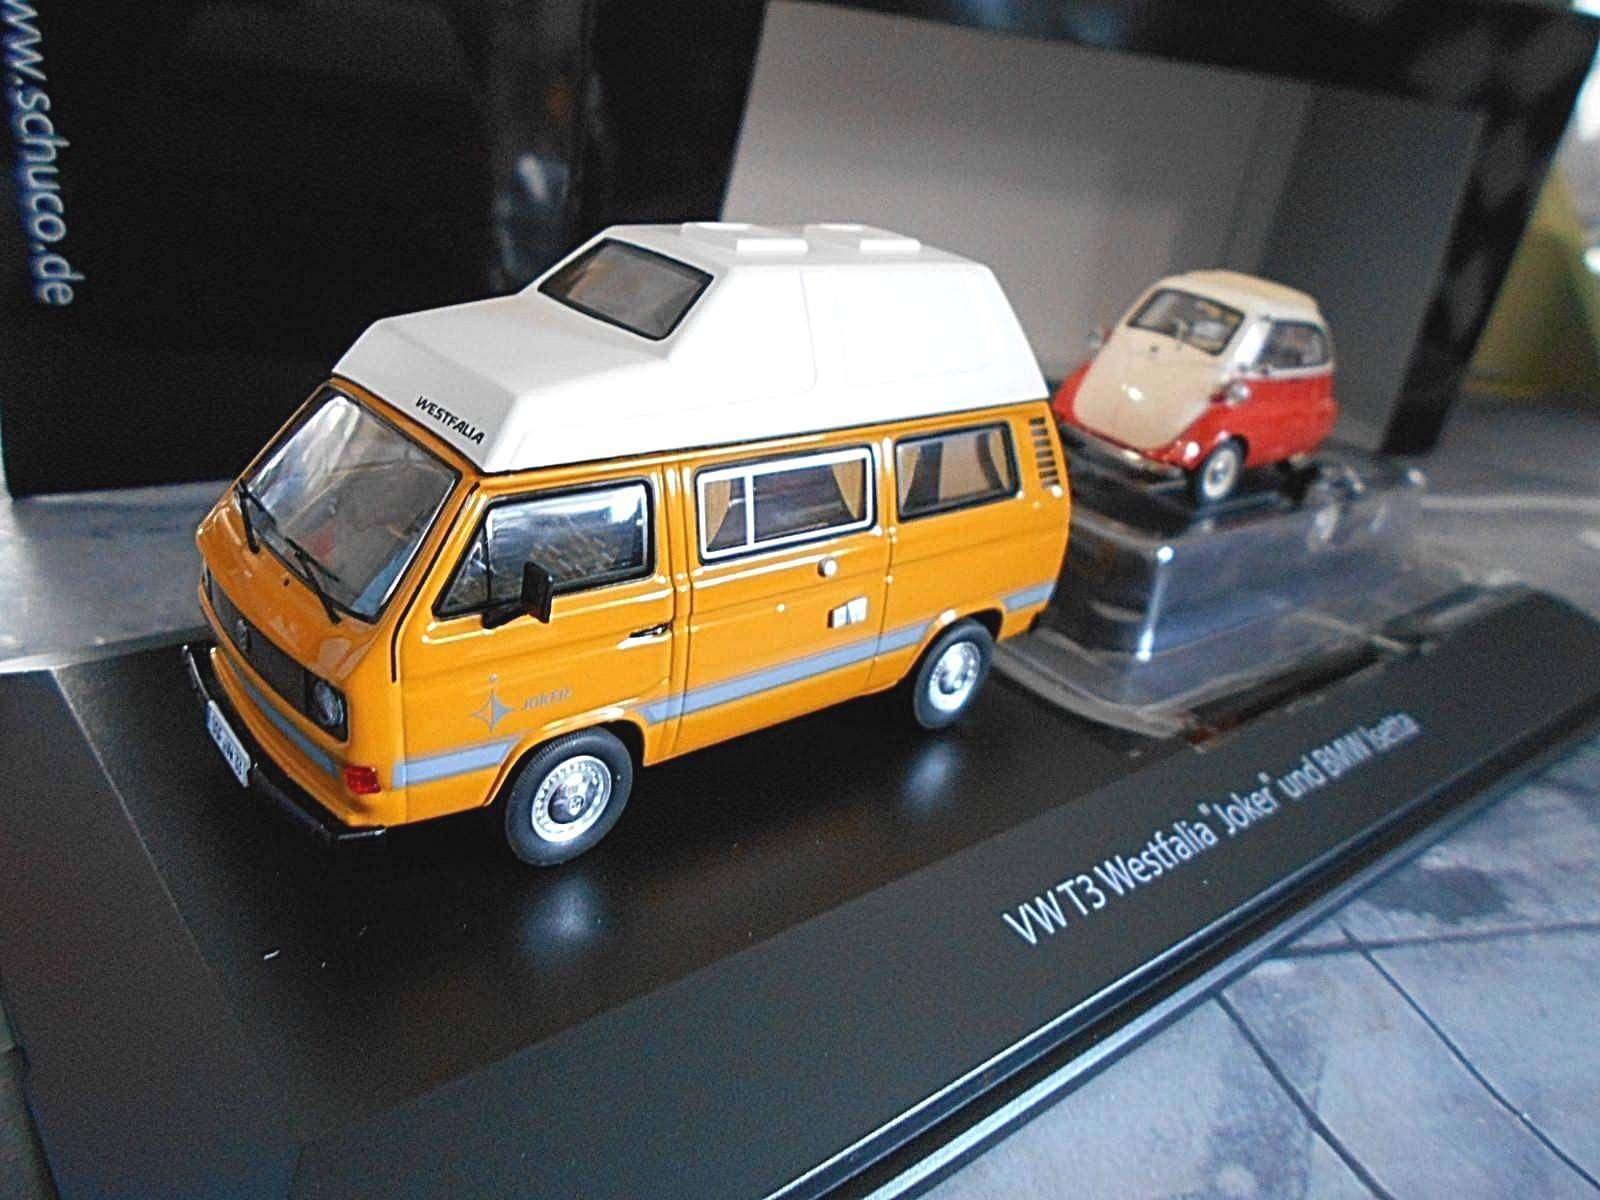 Volkswagen hat vw bus t3 camper westfalia + bmw isetta autoanh ä nger schuco 1 43